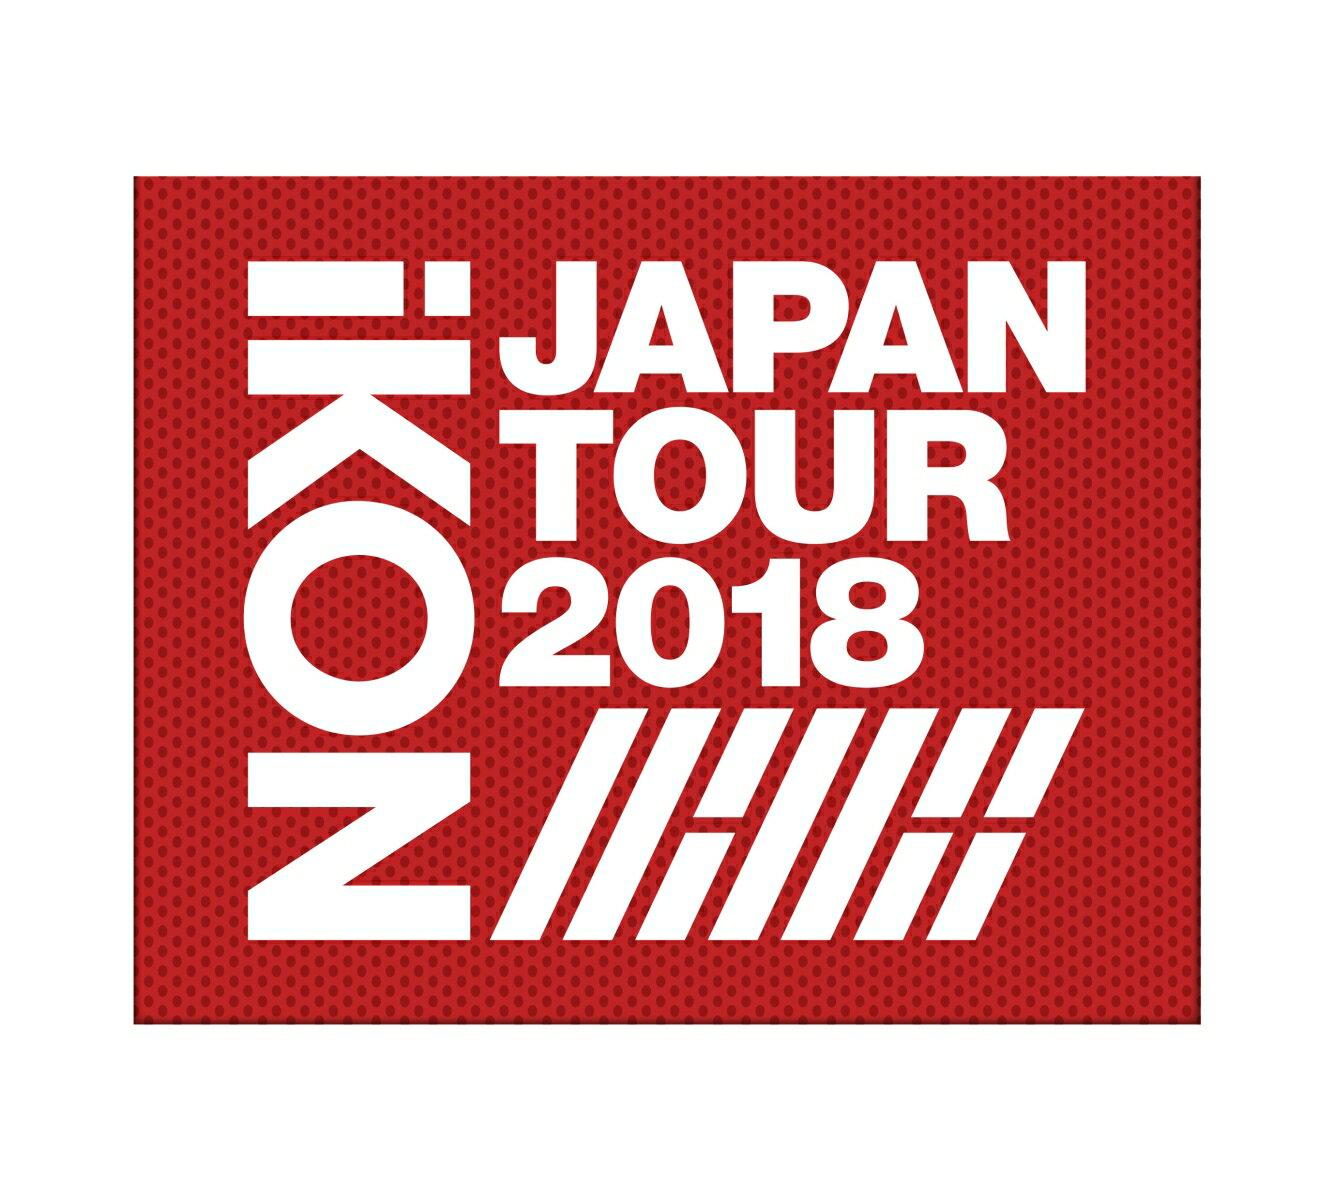 iKON JAPAN TOUR 2018(3DVD+2CD スマプラムービー&ミュージック対応)(初回生産限定盤) [ iKON ]